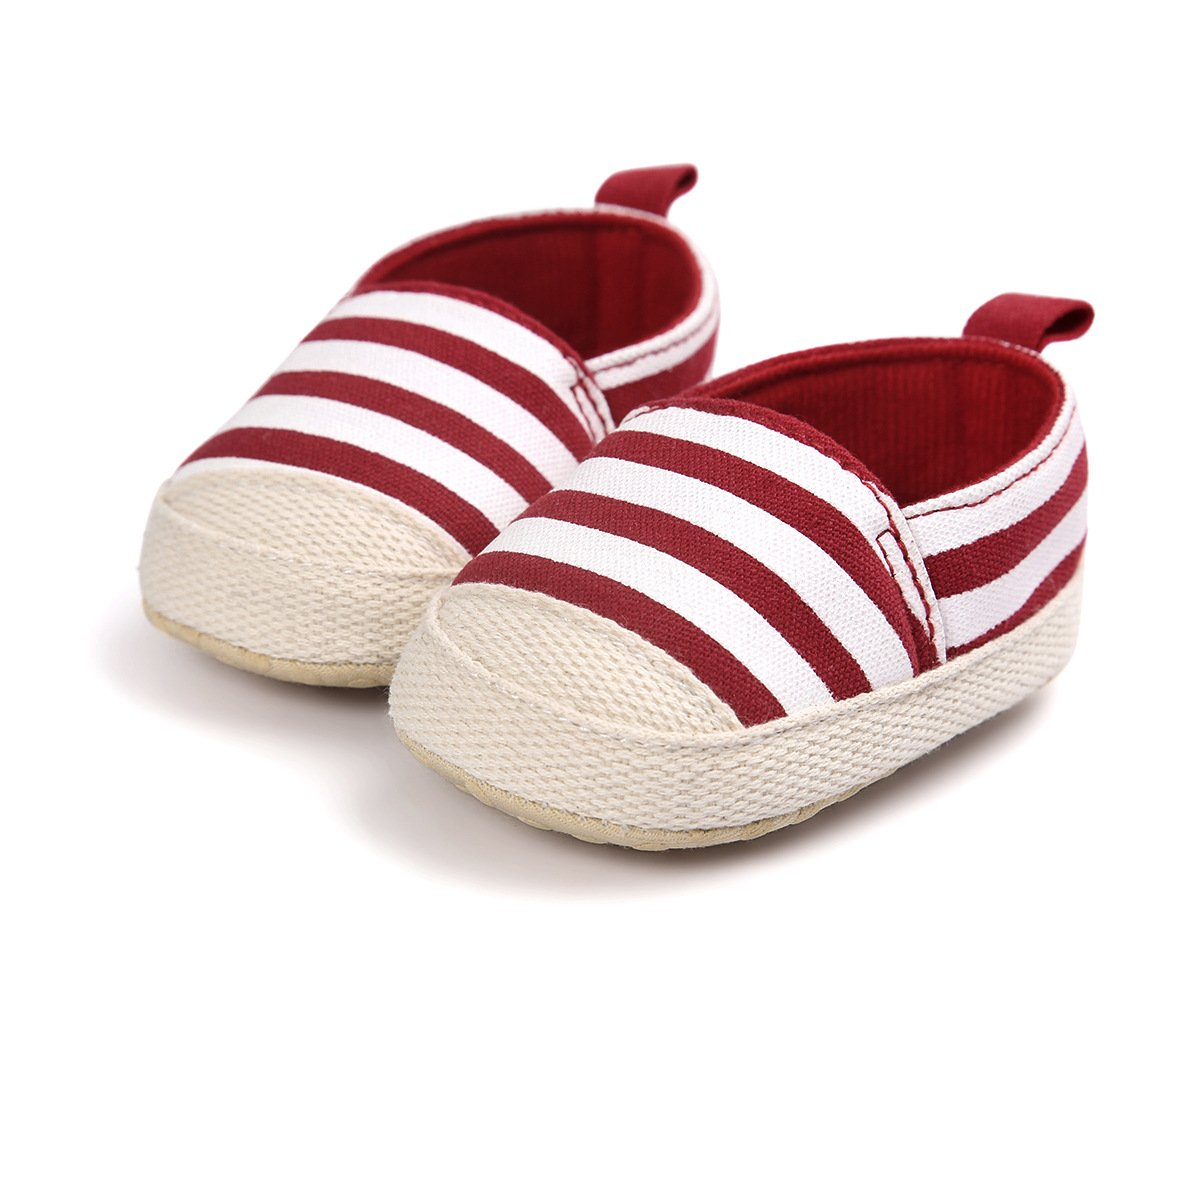 Bebe Bautizo Cuna Suela Blanda Zapatos Recien Nacido Chickwin Primeros Pasos Raya Ni/ño y Ni/ña Antideslizante Zapatillas